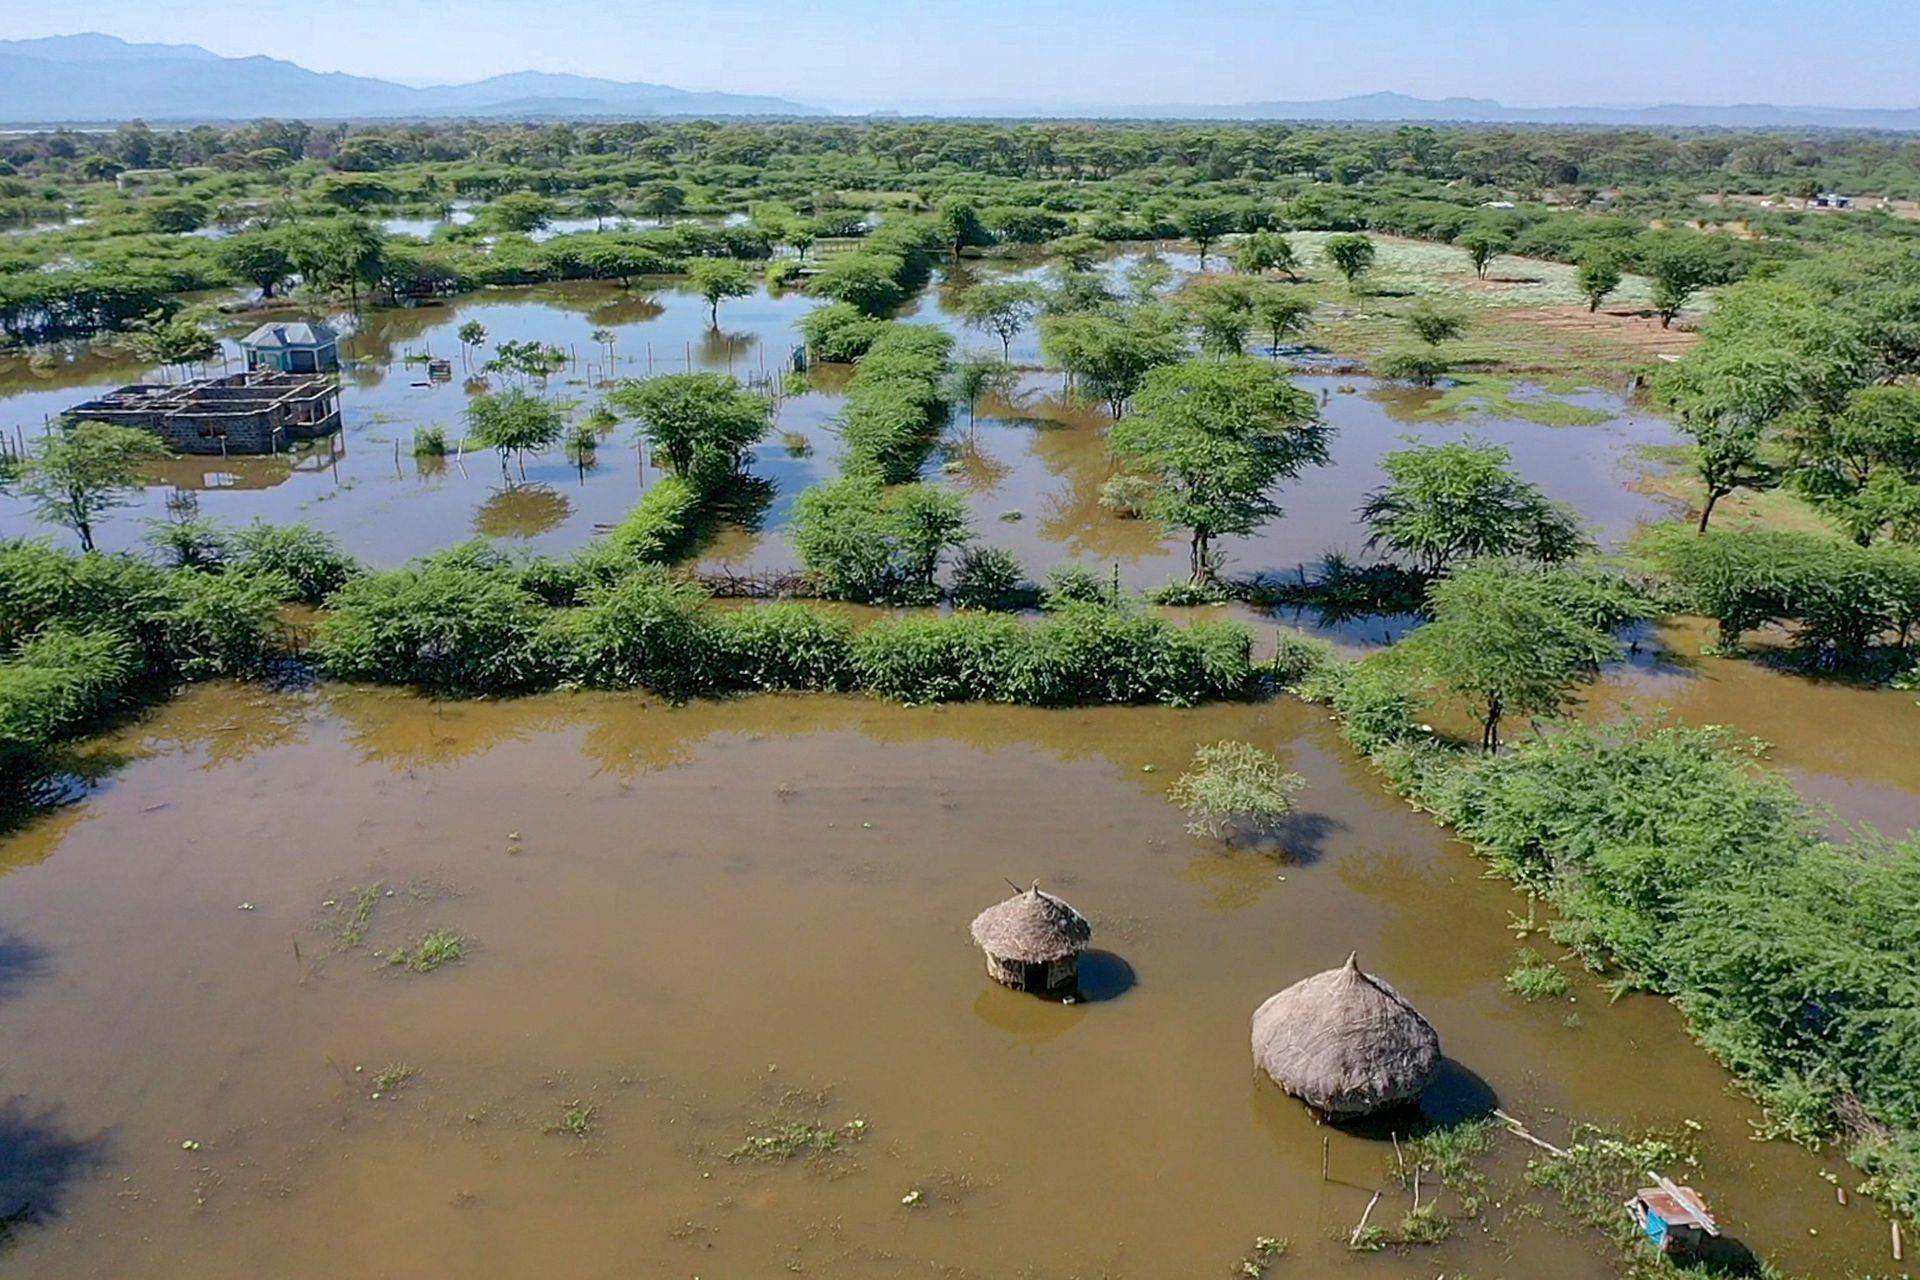 Baringo y los otros grandes lagos del valle del Rift, en Kenia, han alcanzado niveles sin igual en más de 50 años